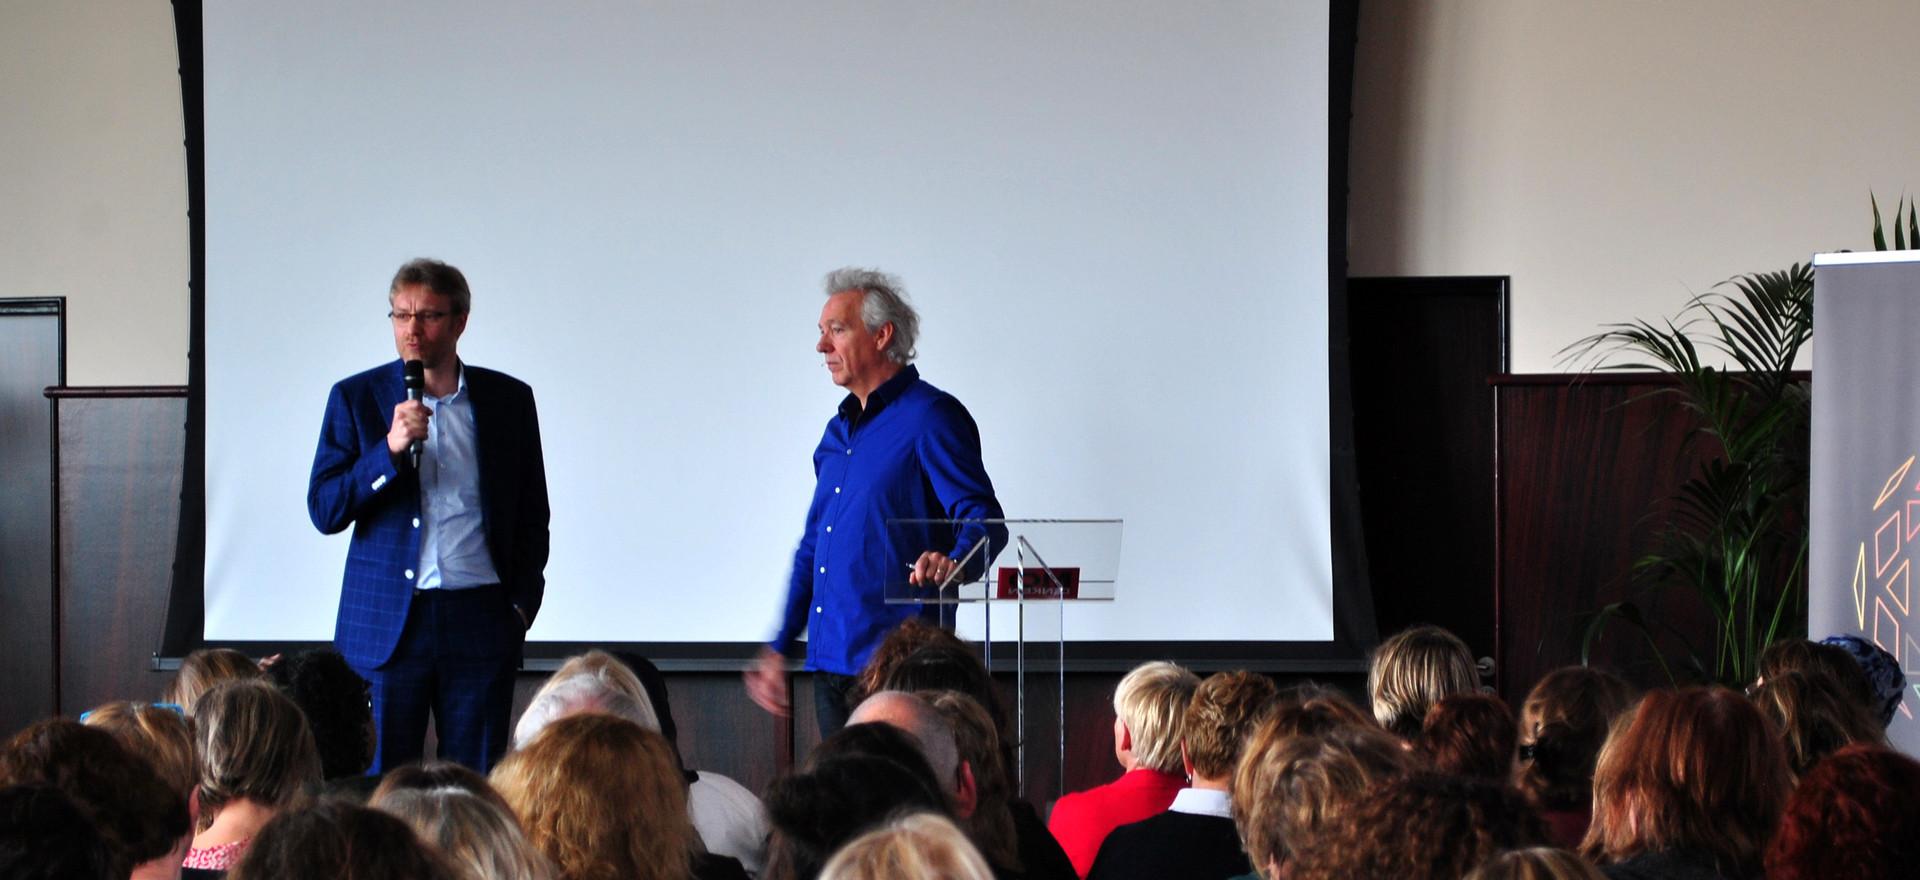 Jeroen Nusteling van SDK Kinderopvang wordt geïnterviewd door Berthold Gunster (Omdenken).